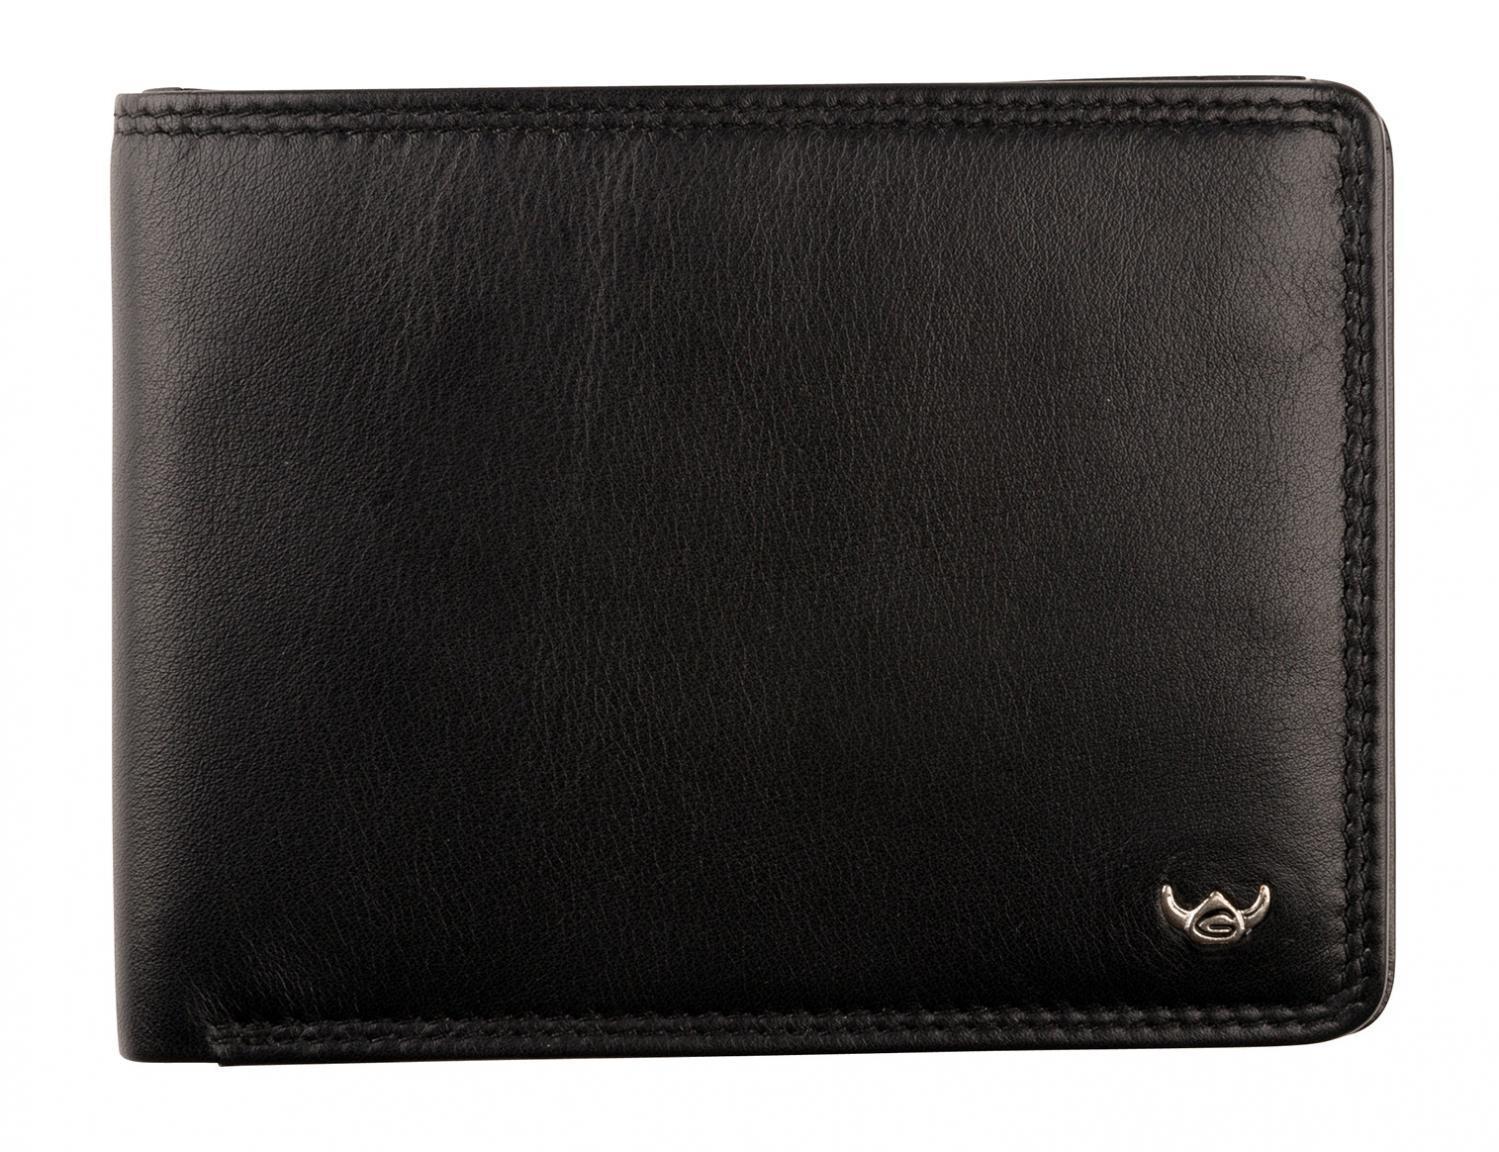 Brieftasche Golden Head Geheimfach Polo RFID Protect Schwarz